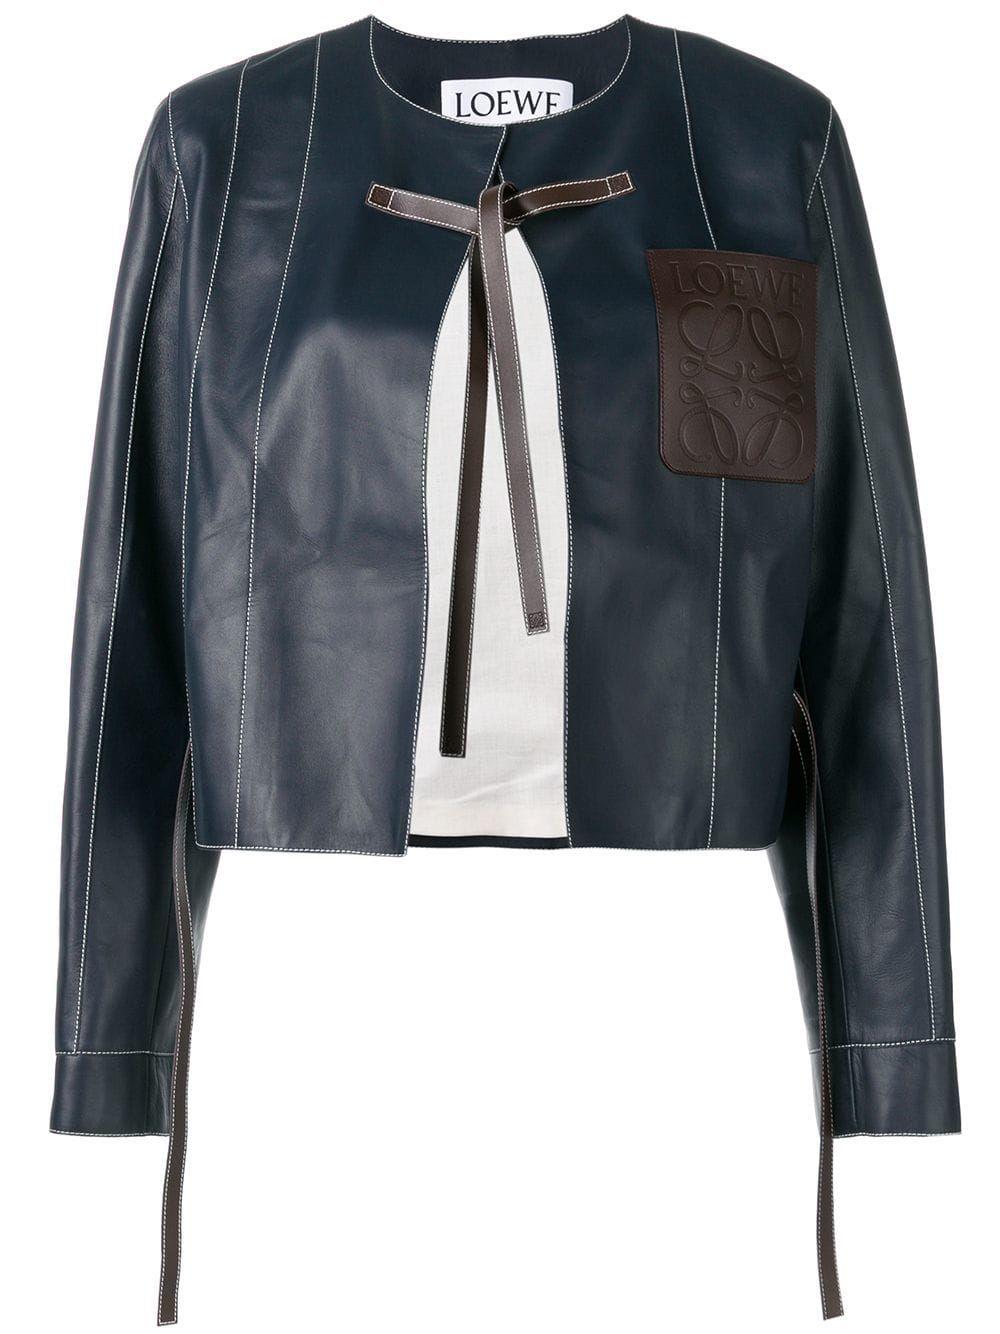 Loewe Tie Fastening Leather Jacket Farfetch Leather Jacket Jackets Women Wear